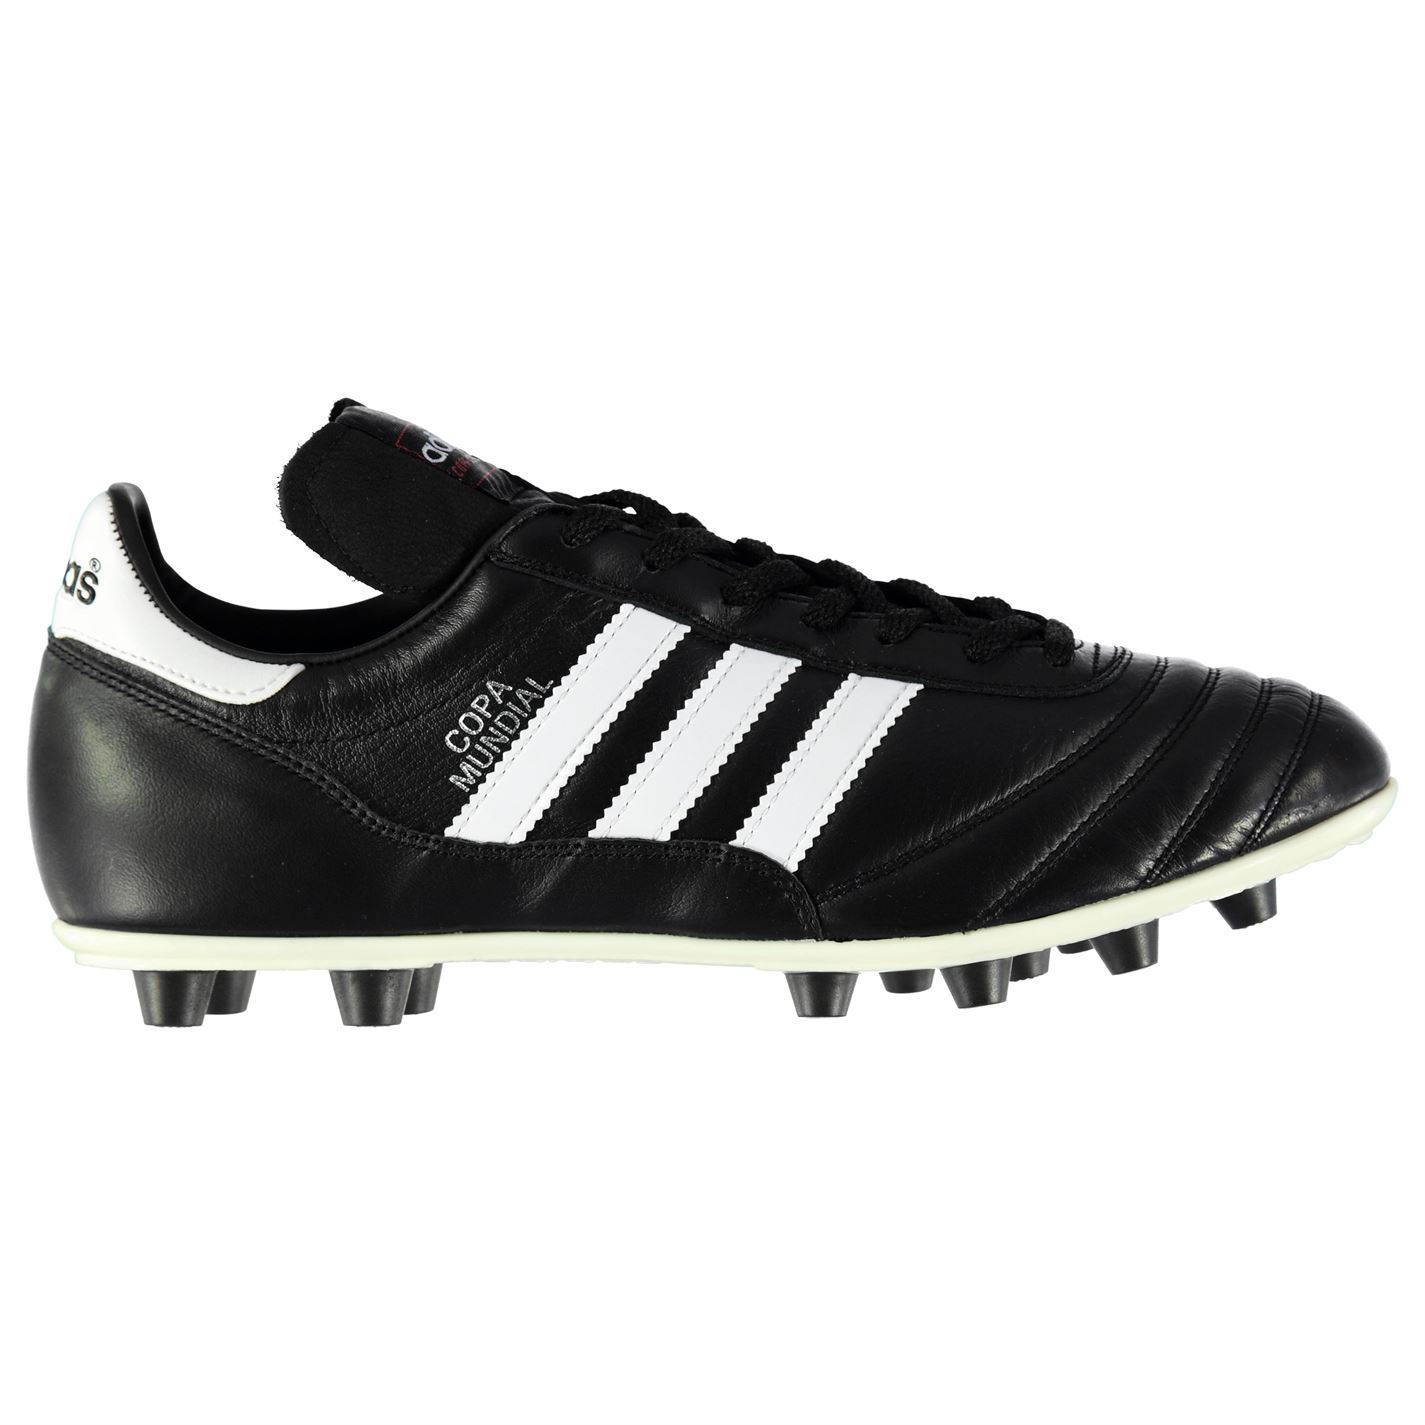 Adidas para hombre Copa Mundial Fg Botas cordones De Fútbol Entrenamiento Zapatos con cordones Botas sport b92462